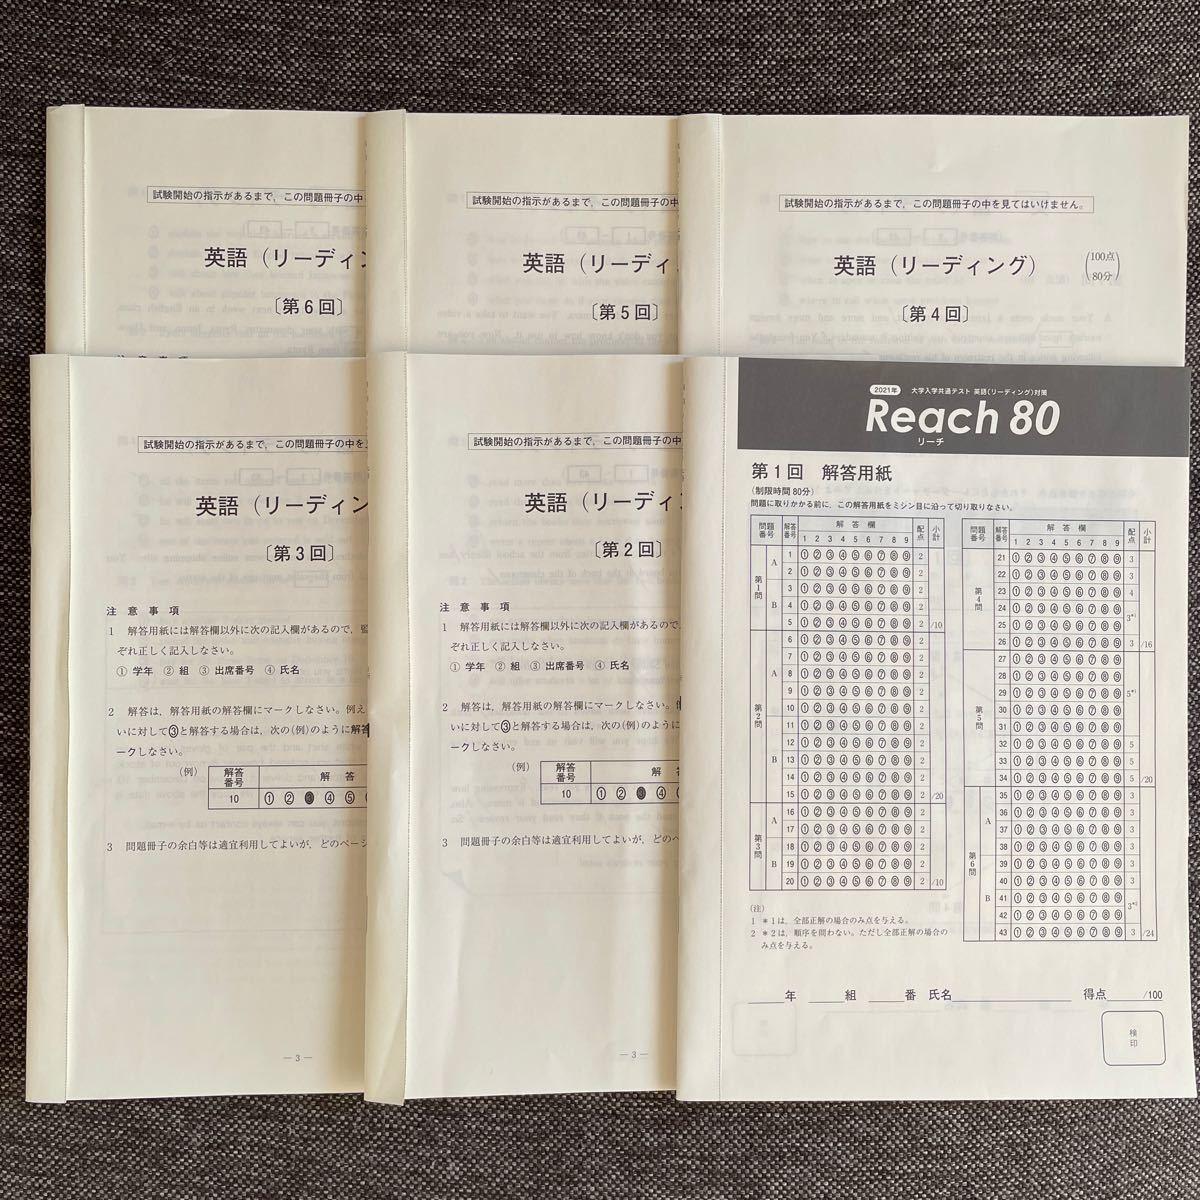 大学入学共通テスト 英語リーディング対策 Reach 80